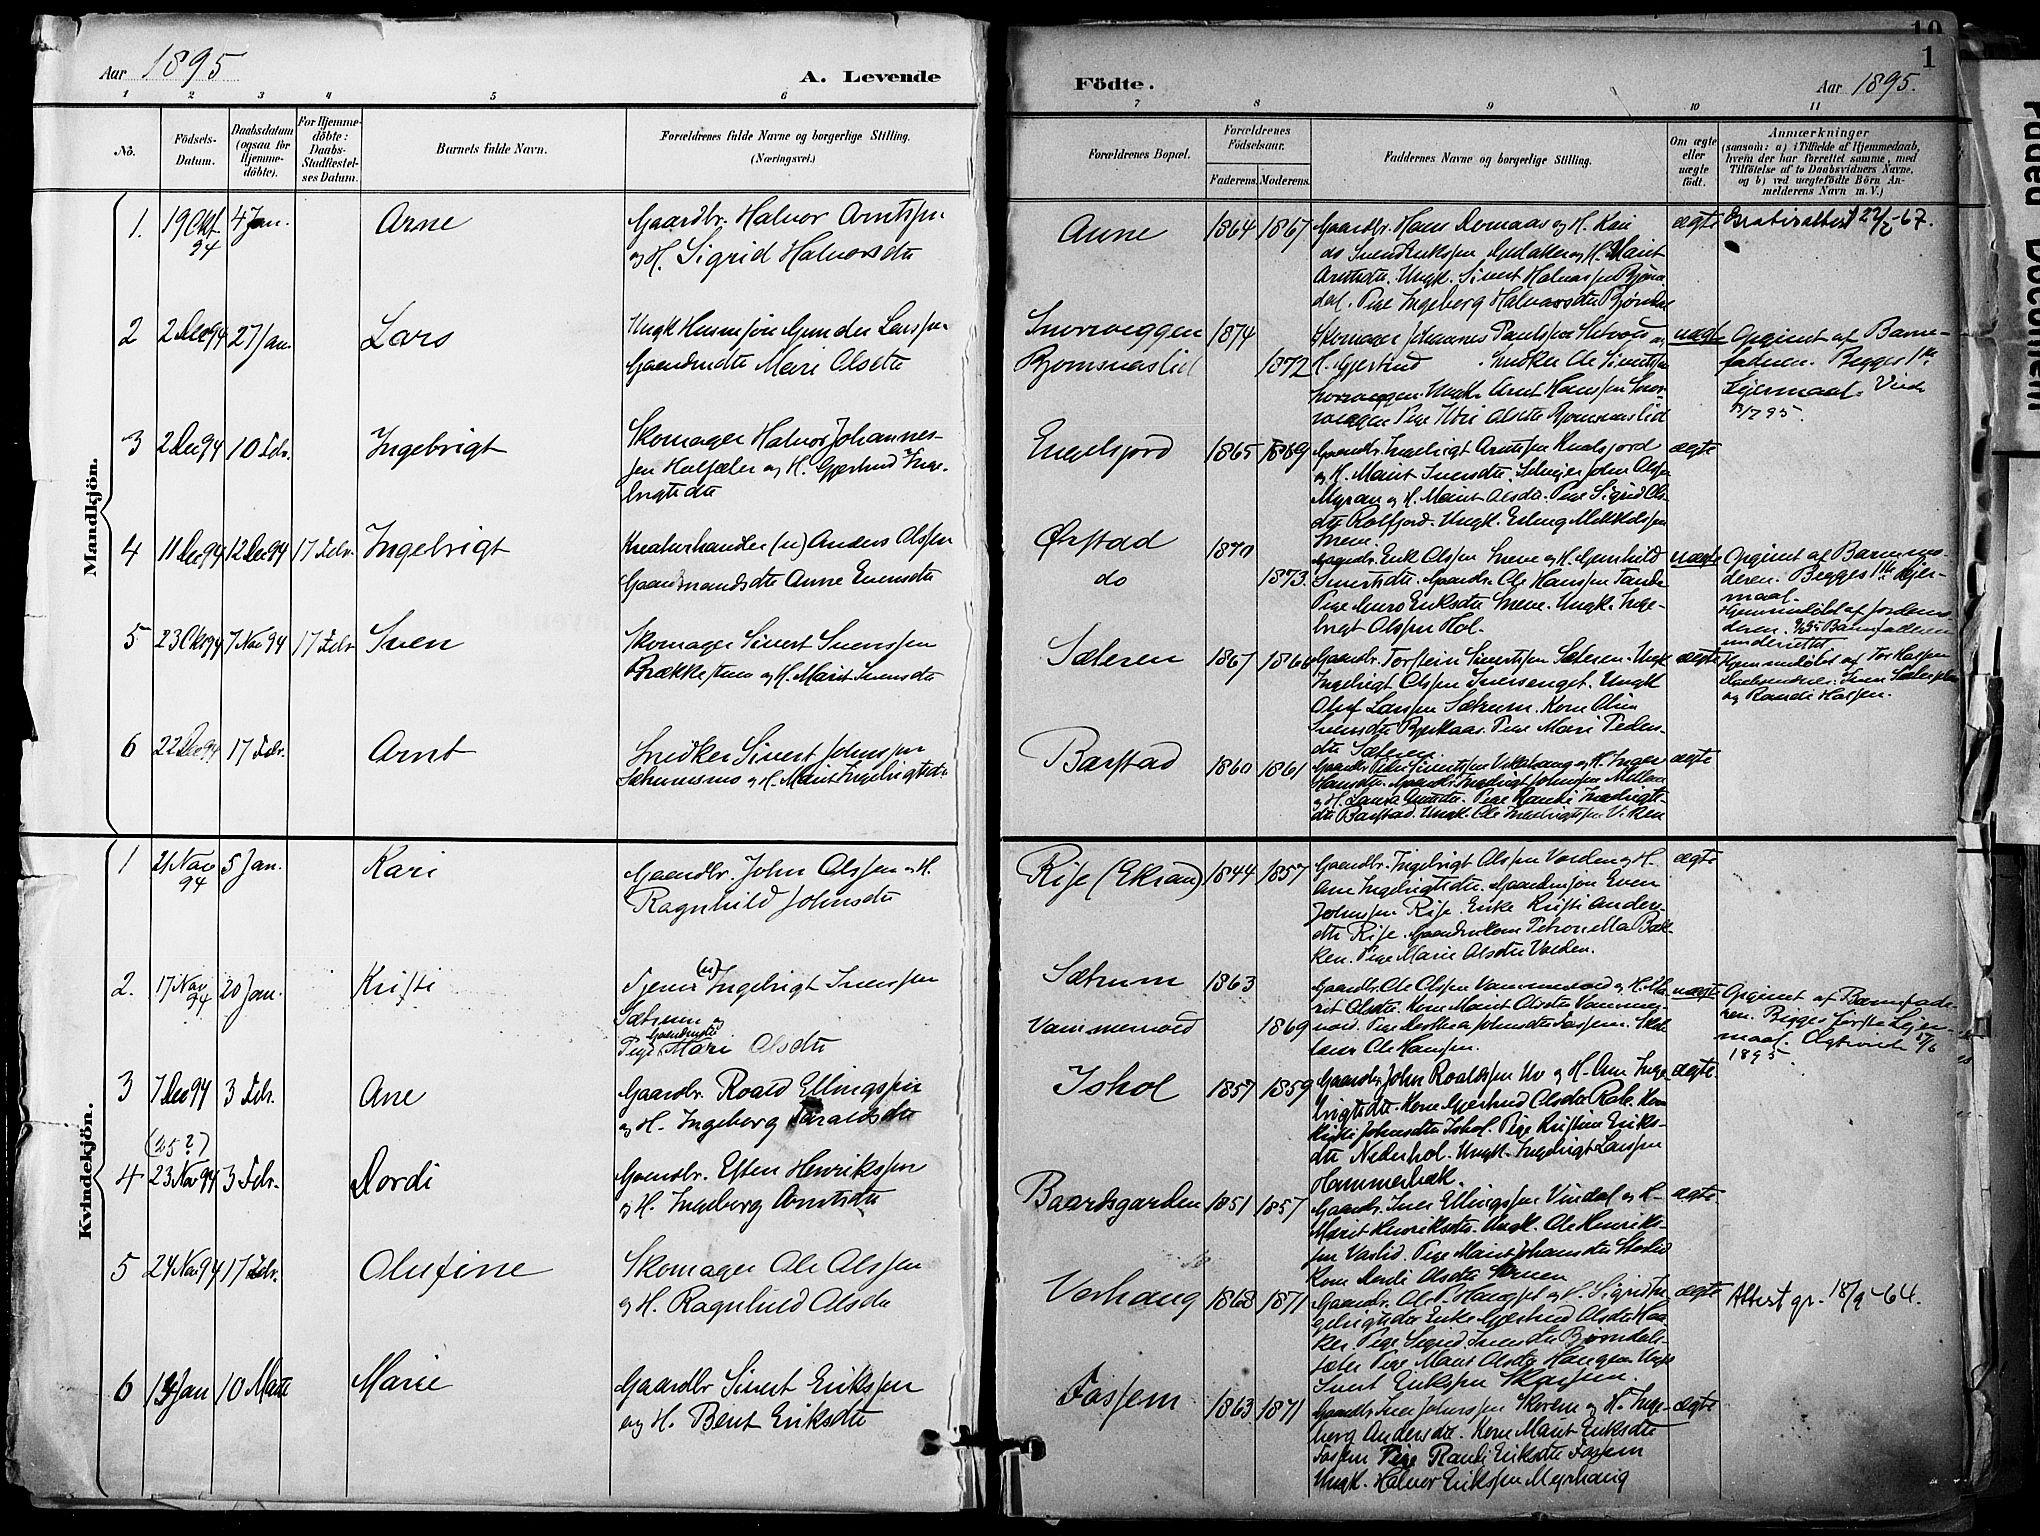 SAT, Ministerialprotokoller, klokkerbøker og fødselsregistre - Sør-Trøndelag, 678/L0902: Ministerialbok nr. 678A11, 1895-1911, s. 1